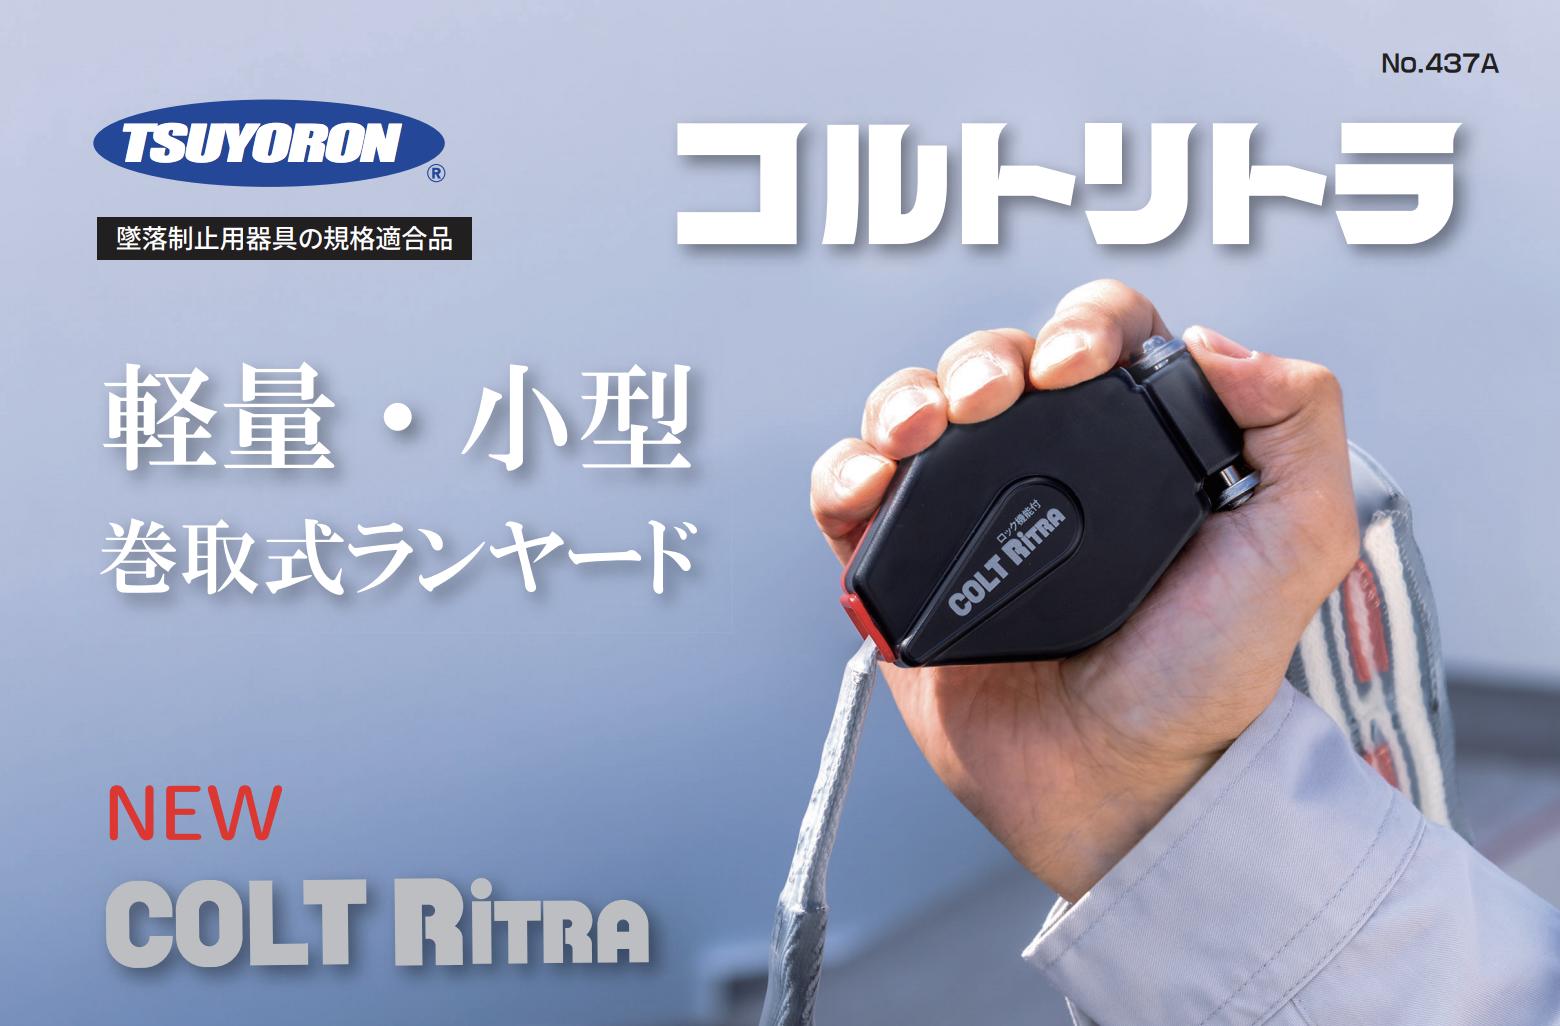 【藤井電工】軽量・小型 巻取式ランヤード『コルトリトラ』の画像